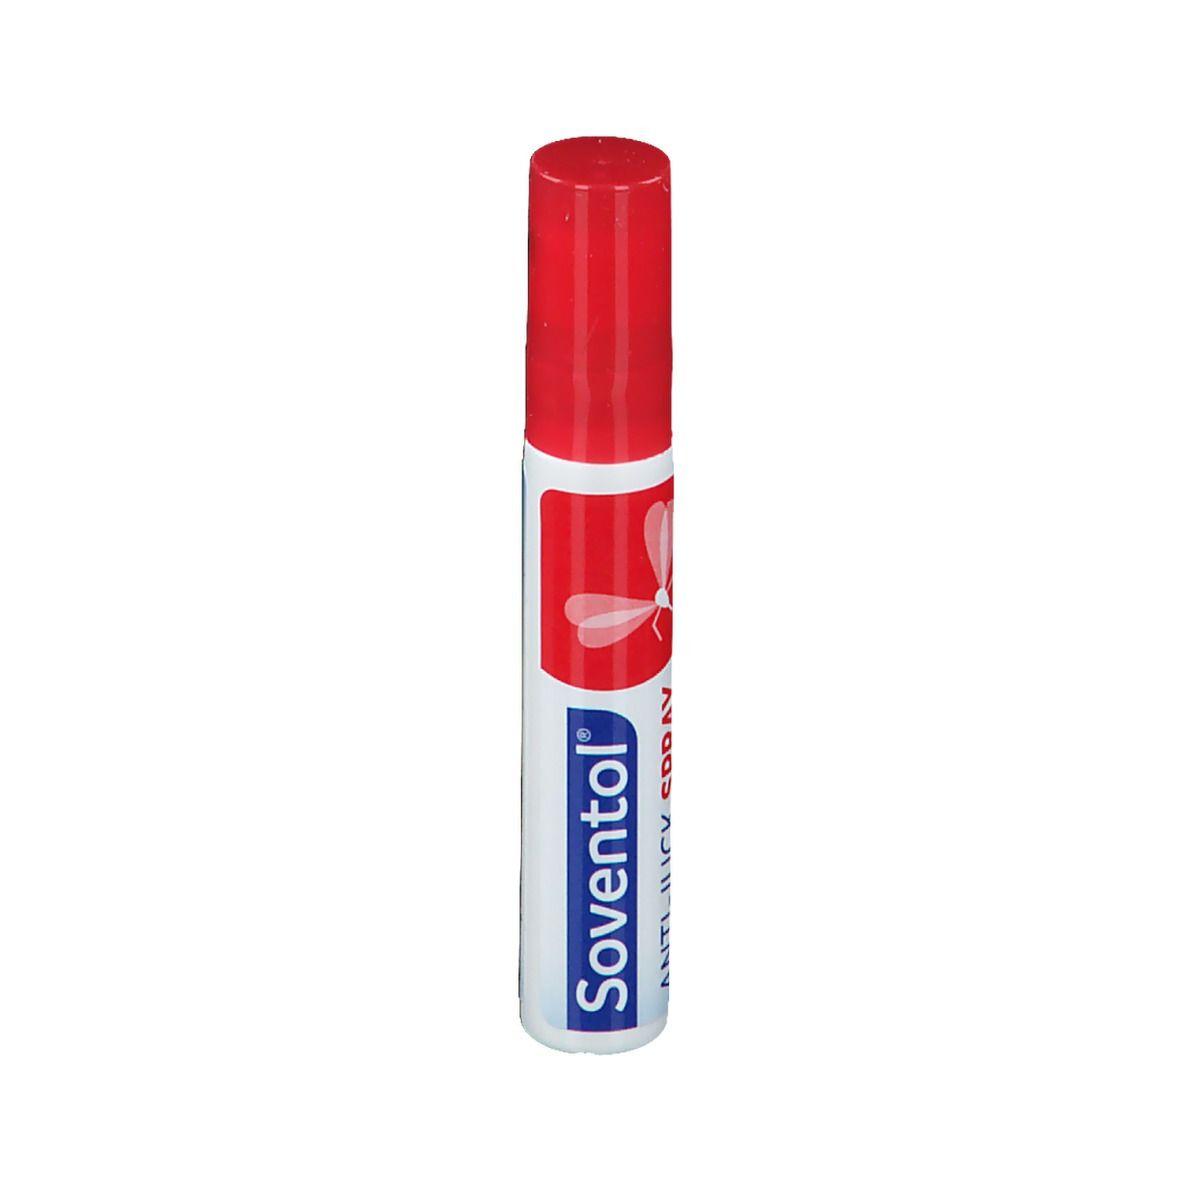 Soventol® Anti-Juck Spray